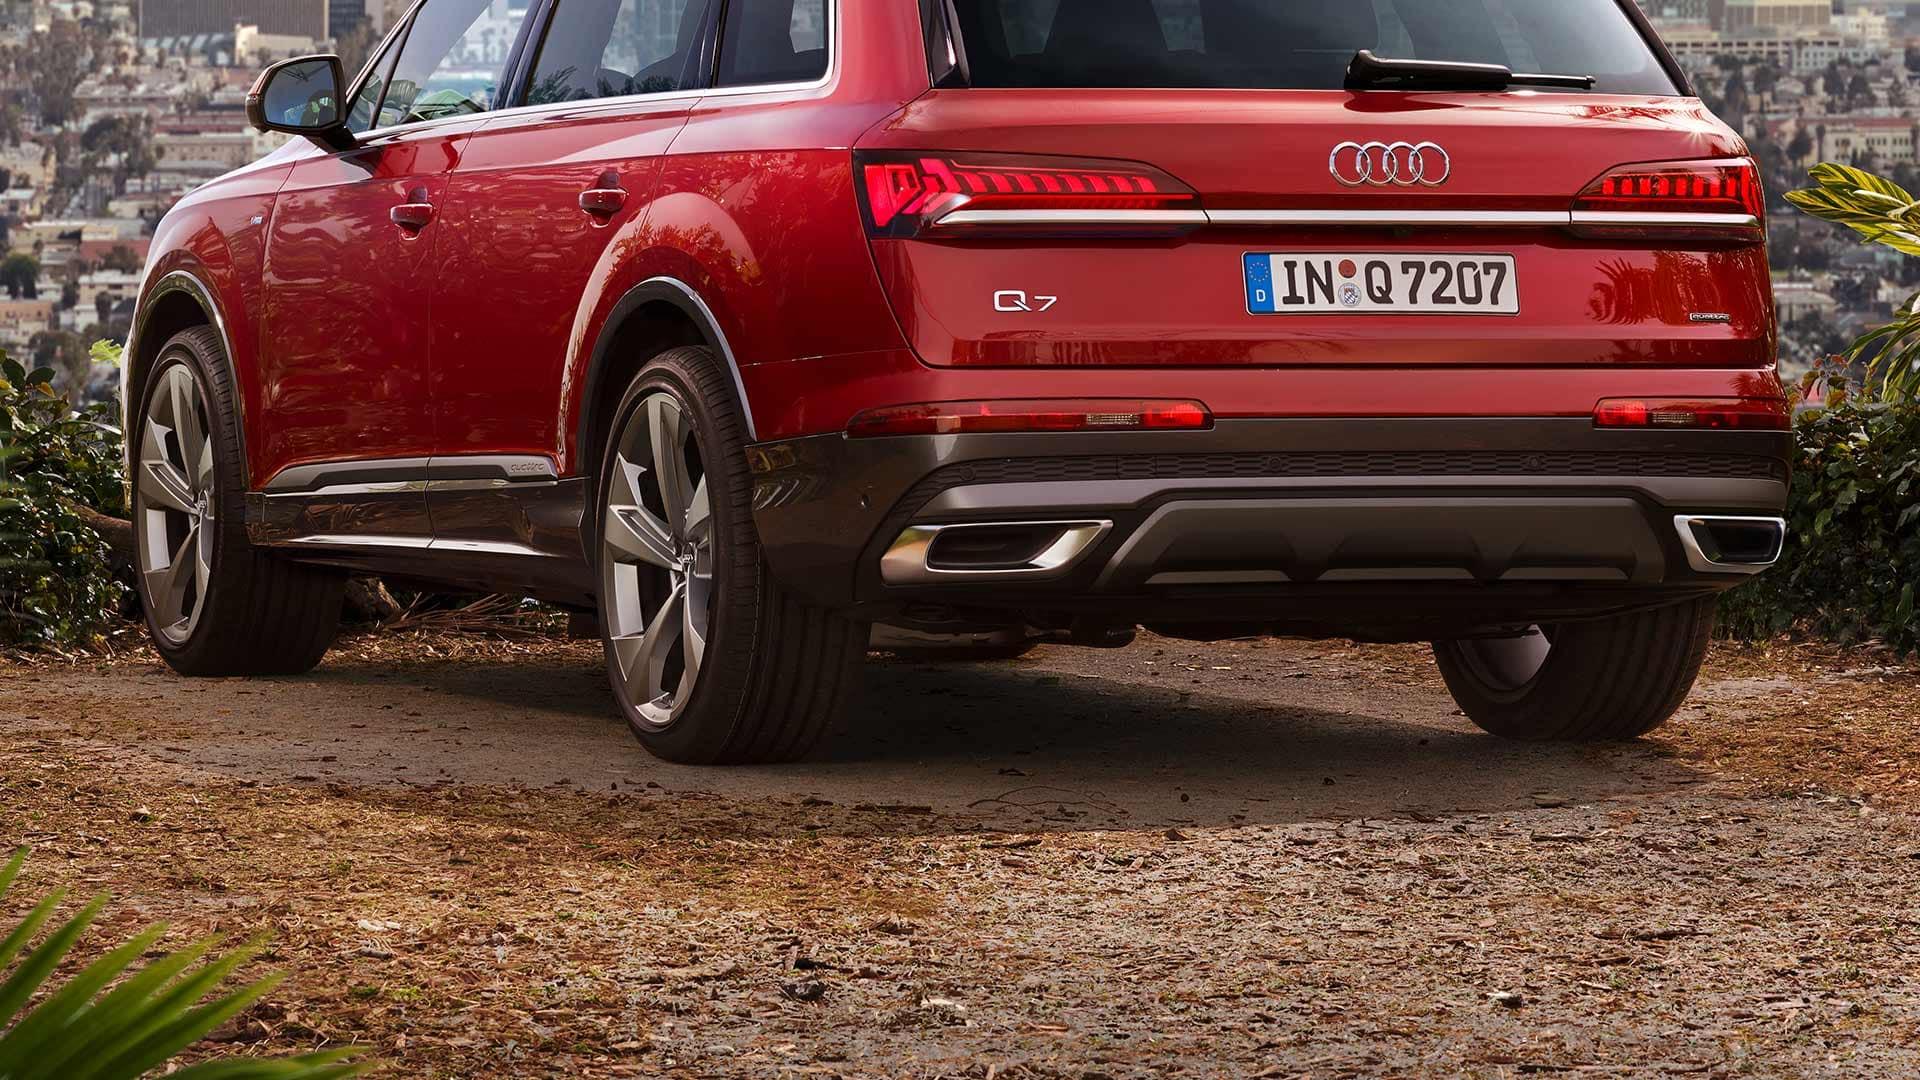 Der Audi Q7 in der Heckansicht